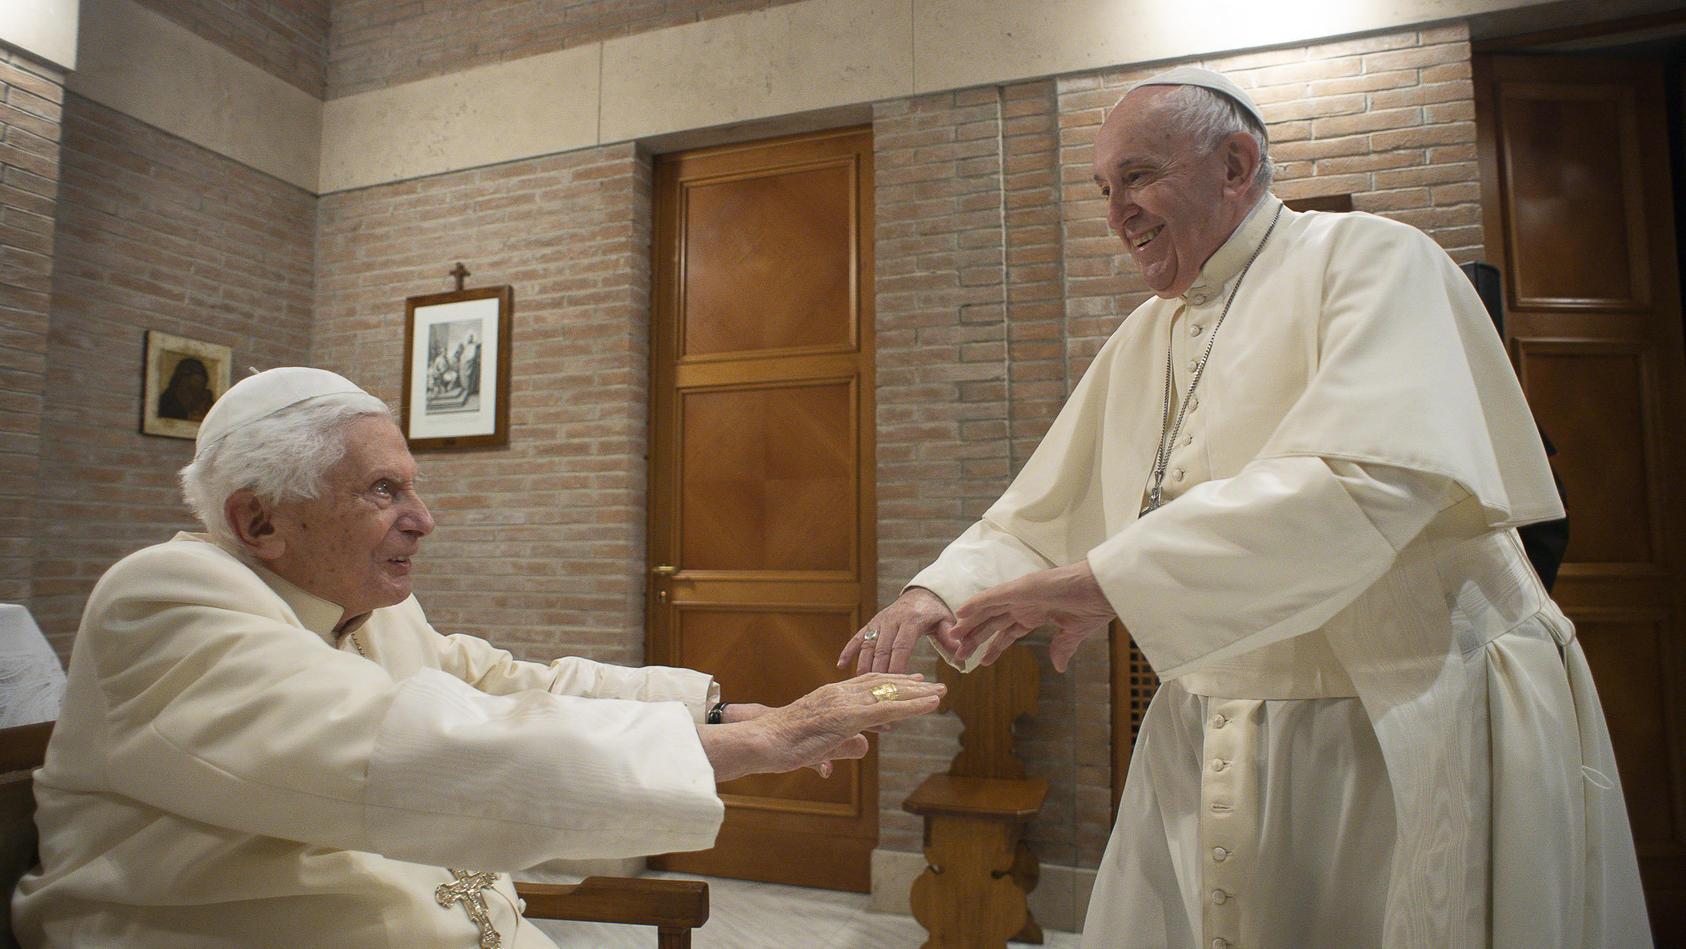 Bei der Kardinalskreierung im Vatikan trugen viele Anwesende - auch Papst Franziskus - keinen Mundschutz.